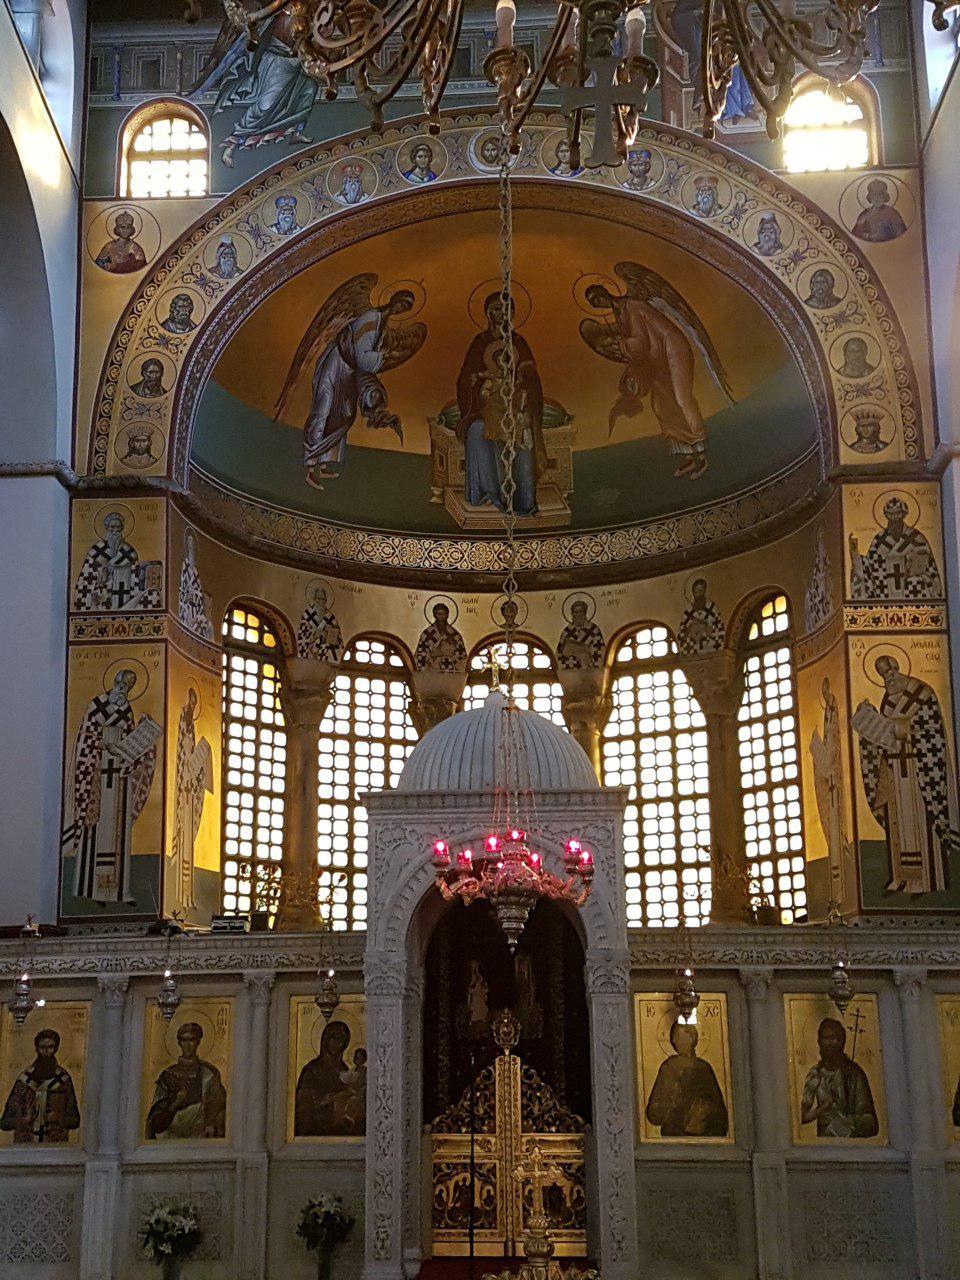 """כנסיית אגיוס דימיטריוס - החשובה בכנסיות בסלוניקי (צילום: אחיה ראב""""ד)"""